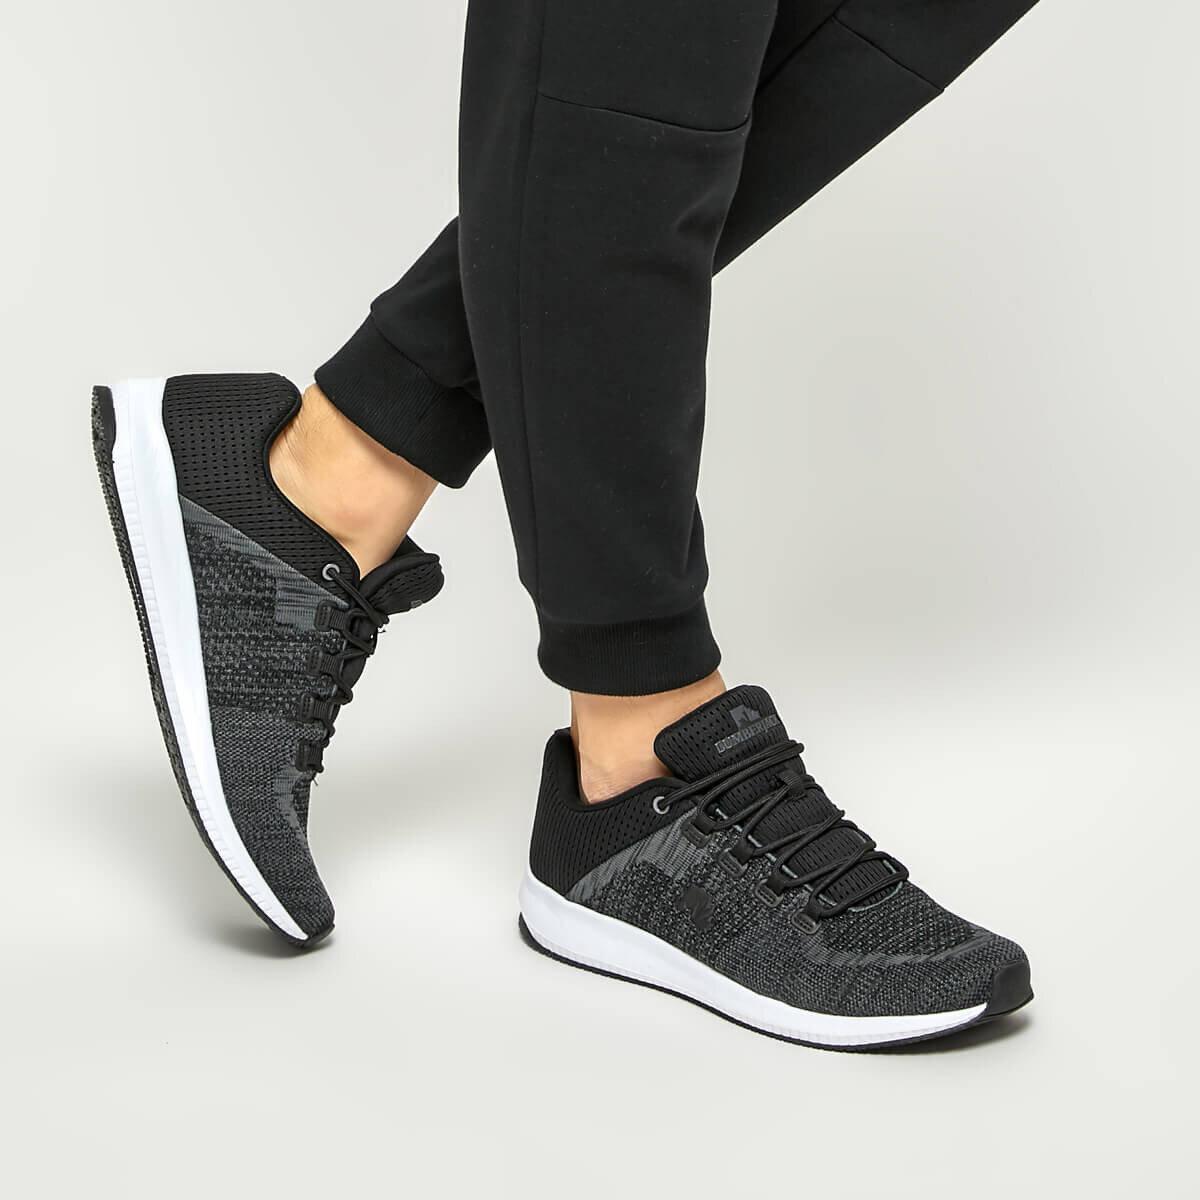 FLO ALE Gray Men 'S Sneaker Shoes LUMBERJACK